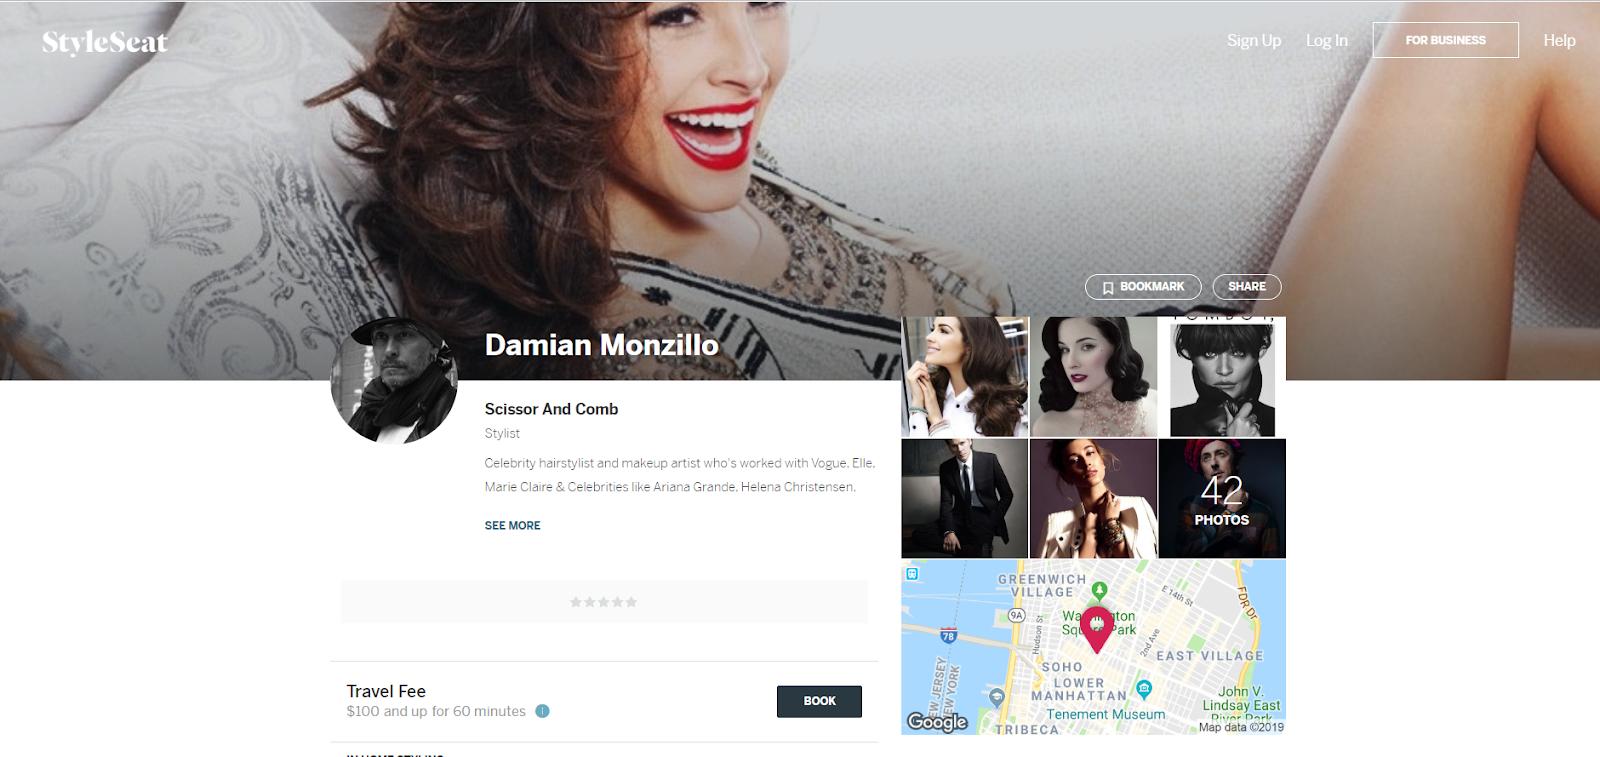 Página de perfil de un estilista StyleSeat